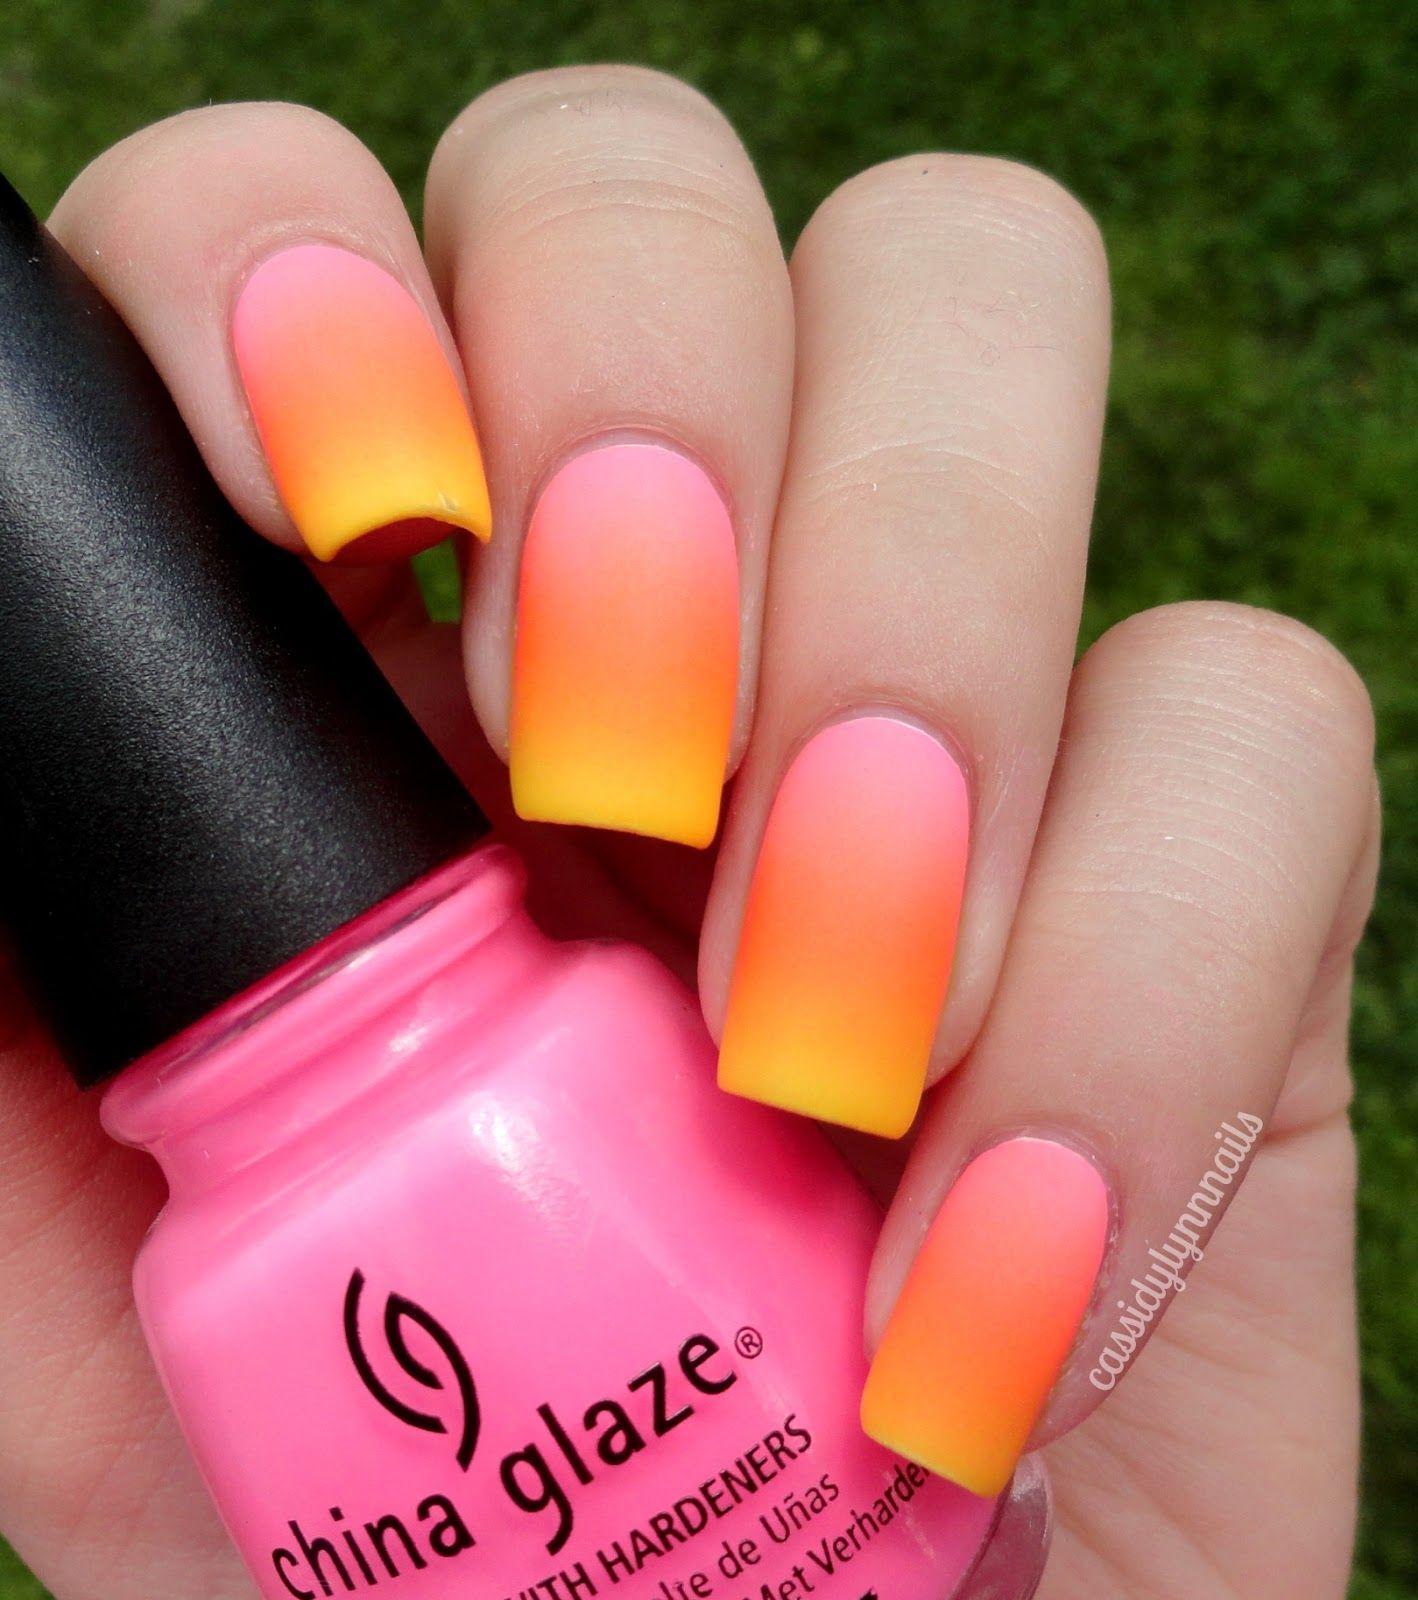 Modele De Unghii Cu Gel Pentru Vara 2016 Modele Unghii Nails